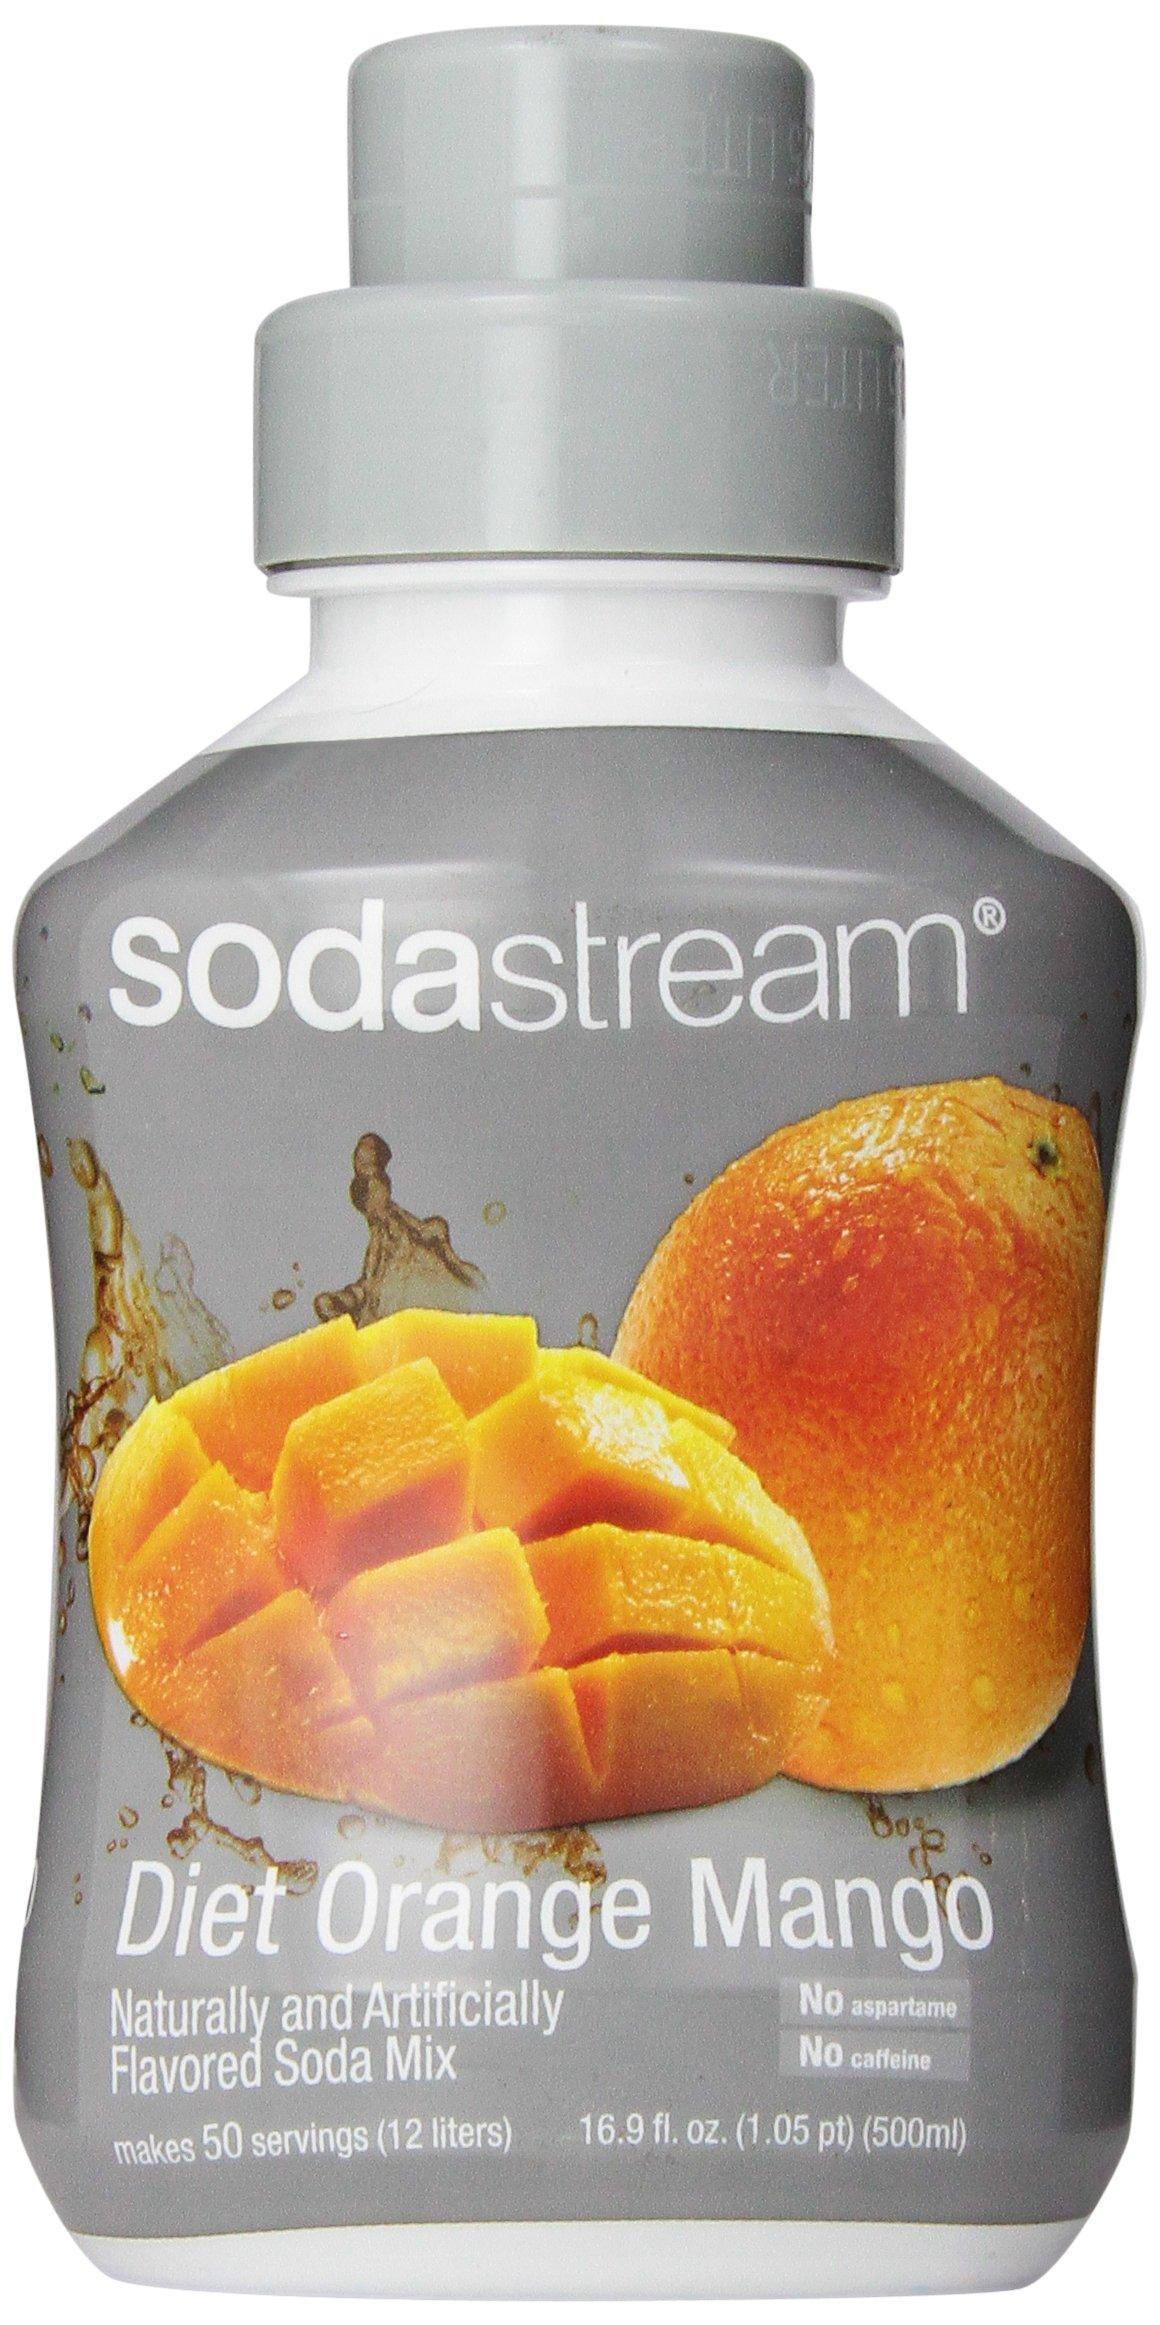 SodaStream Diet Orange Mango Syrup, 500ml